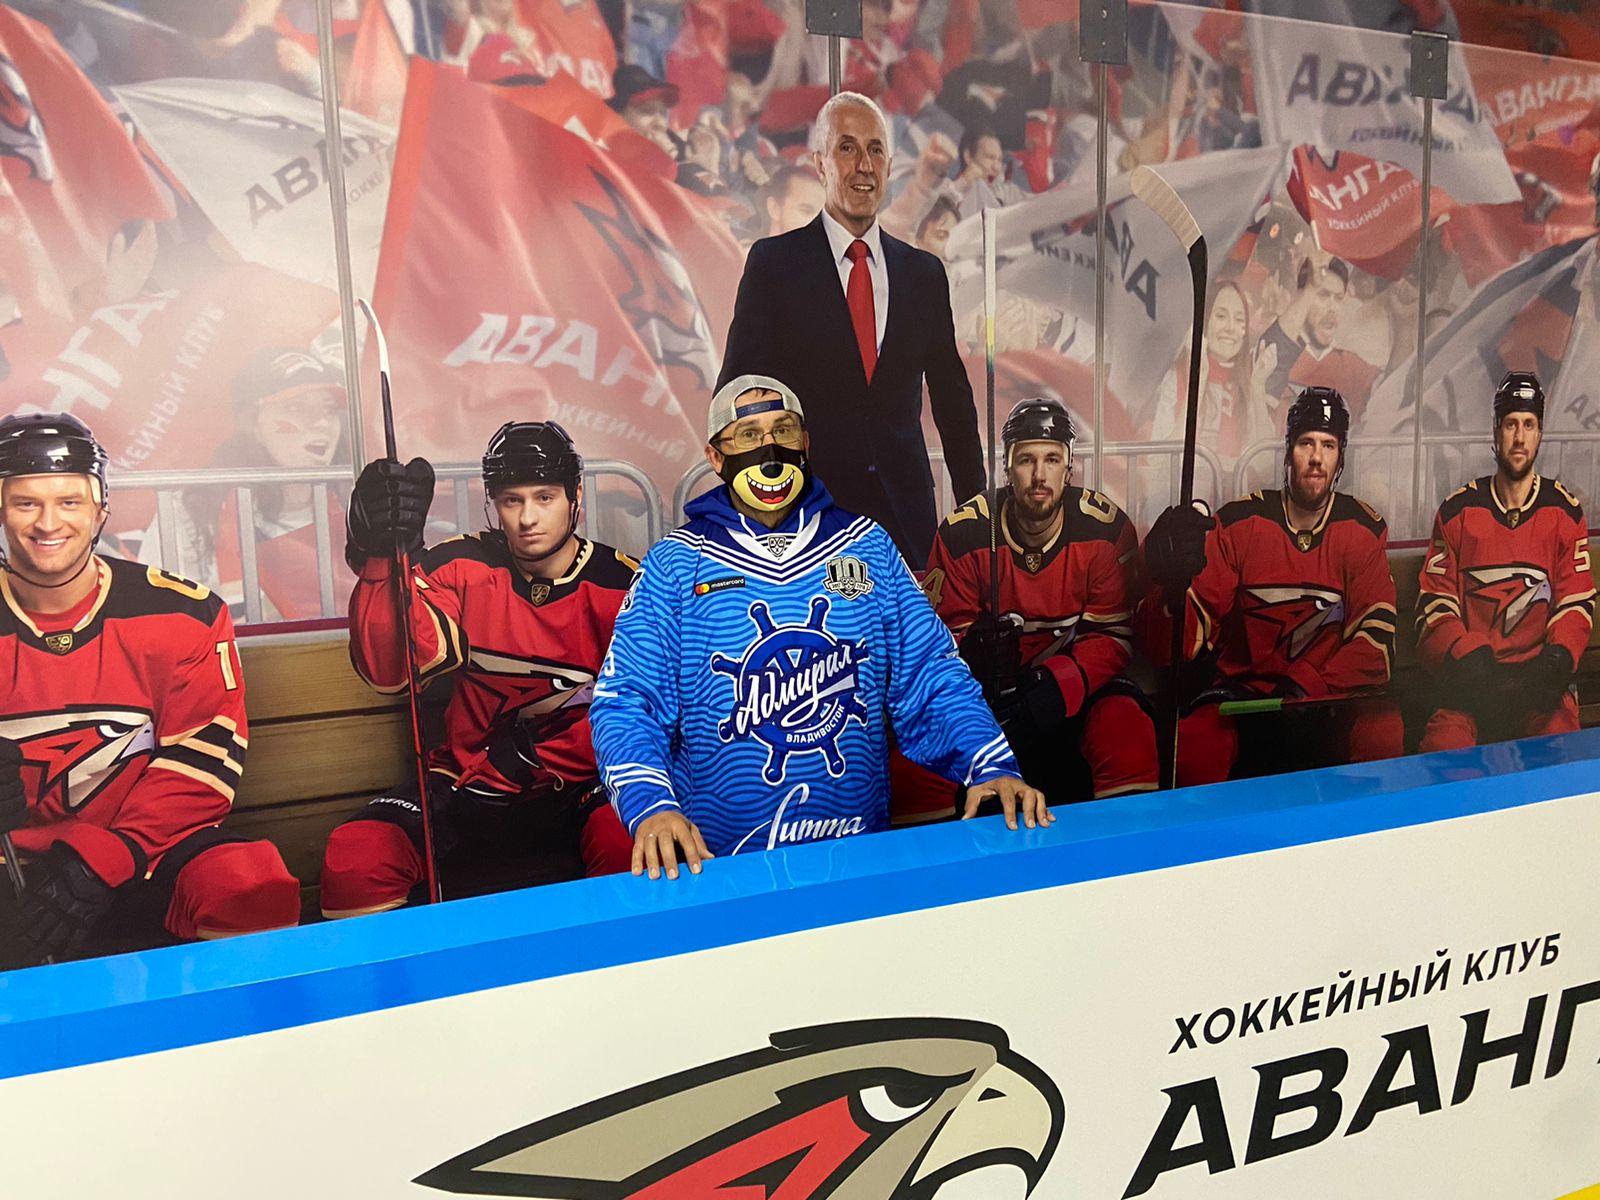 спорт25 адмирал хоккей